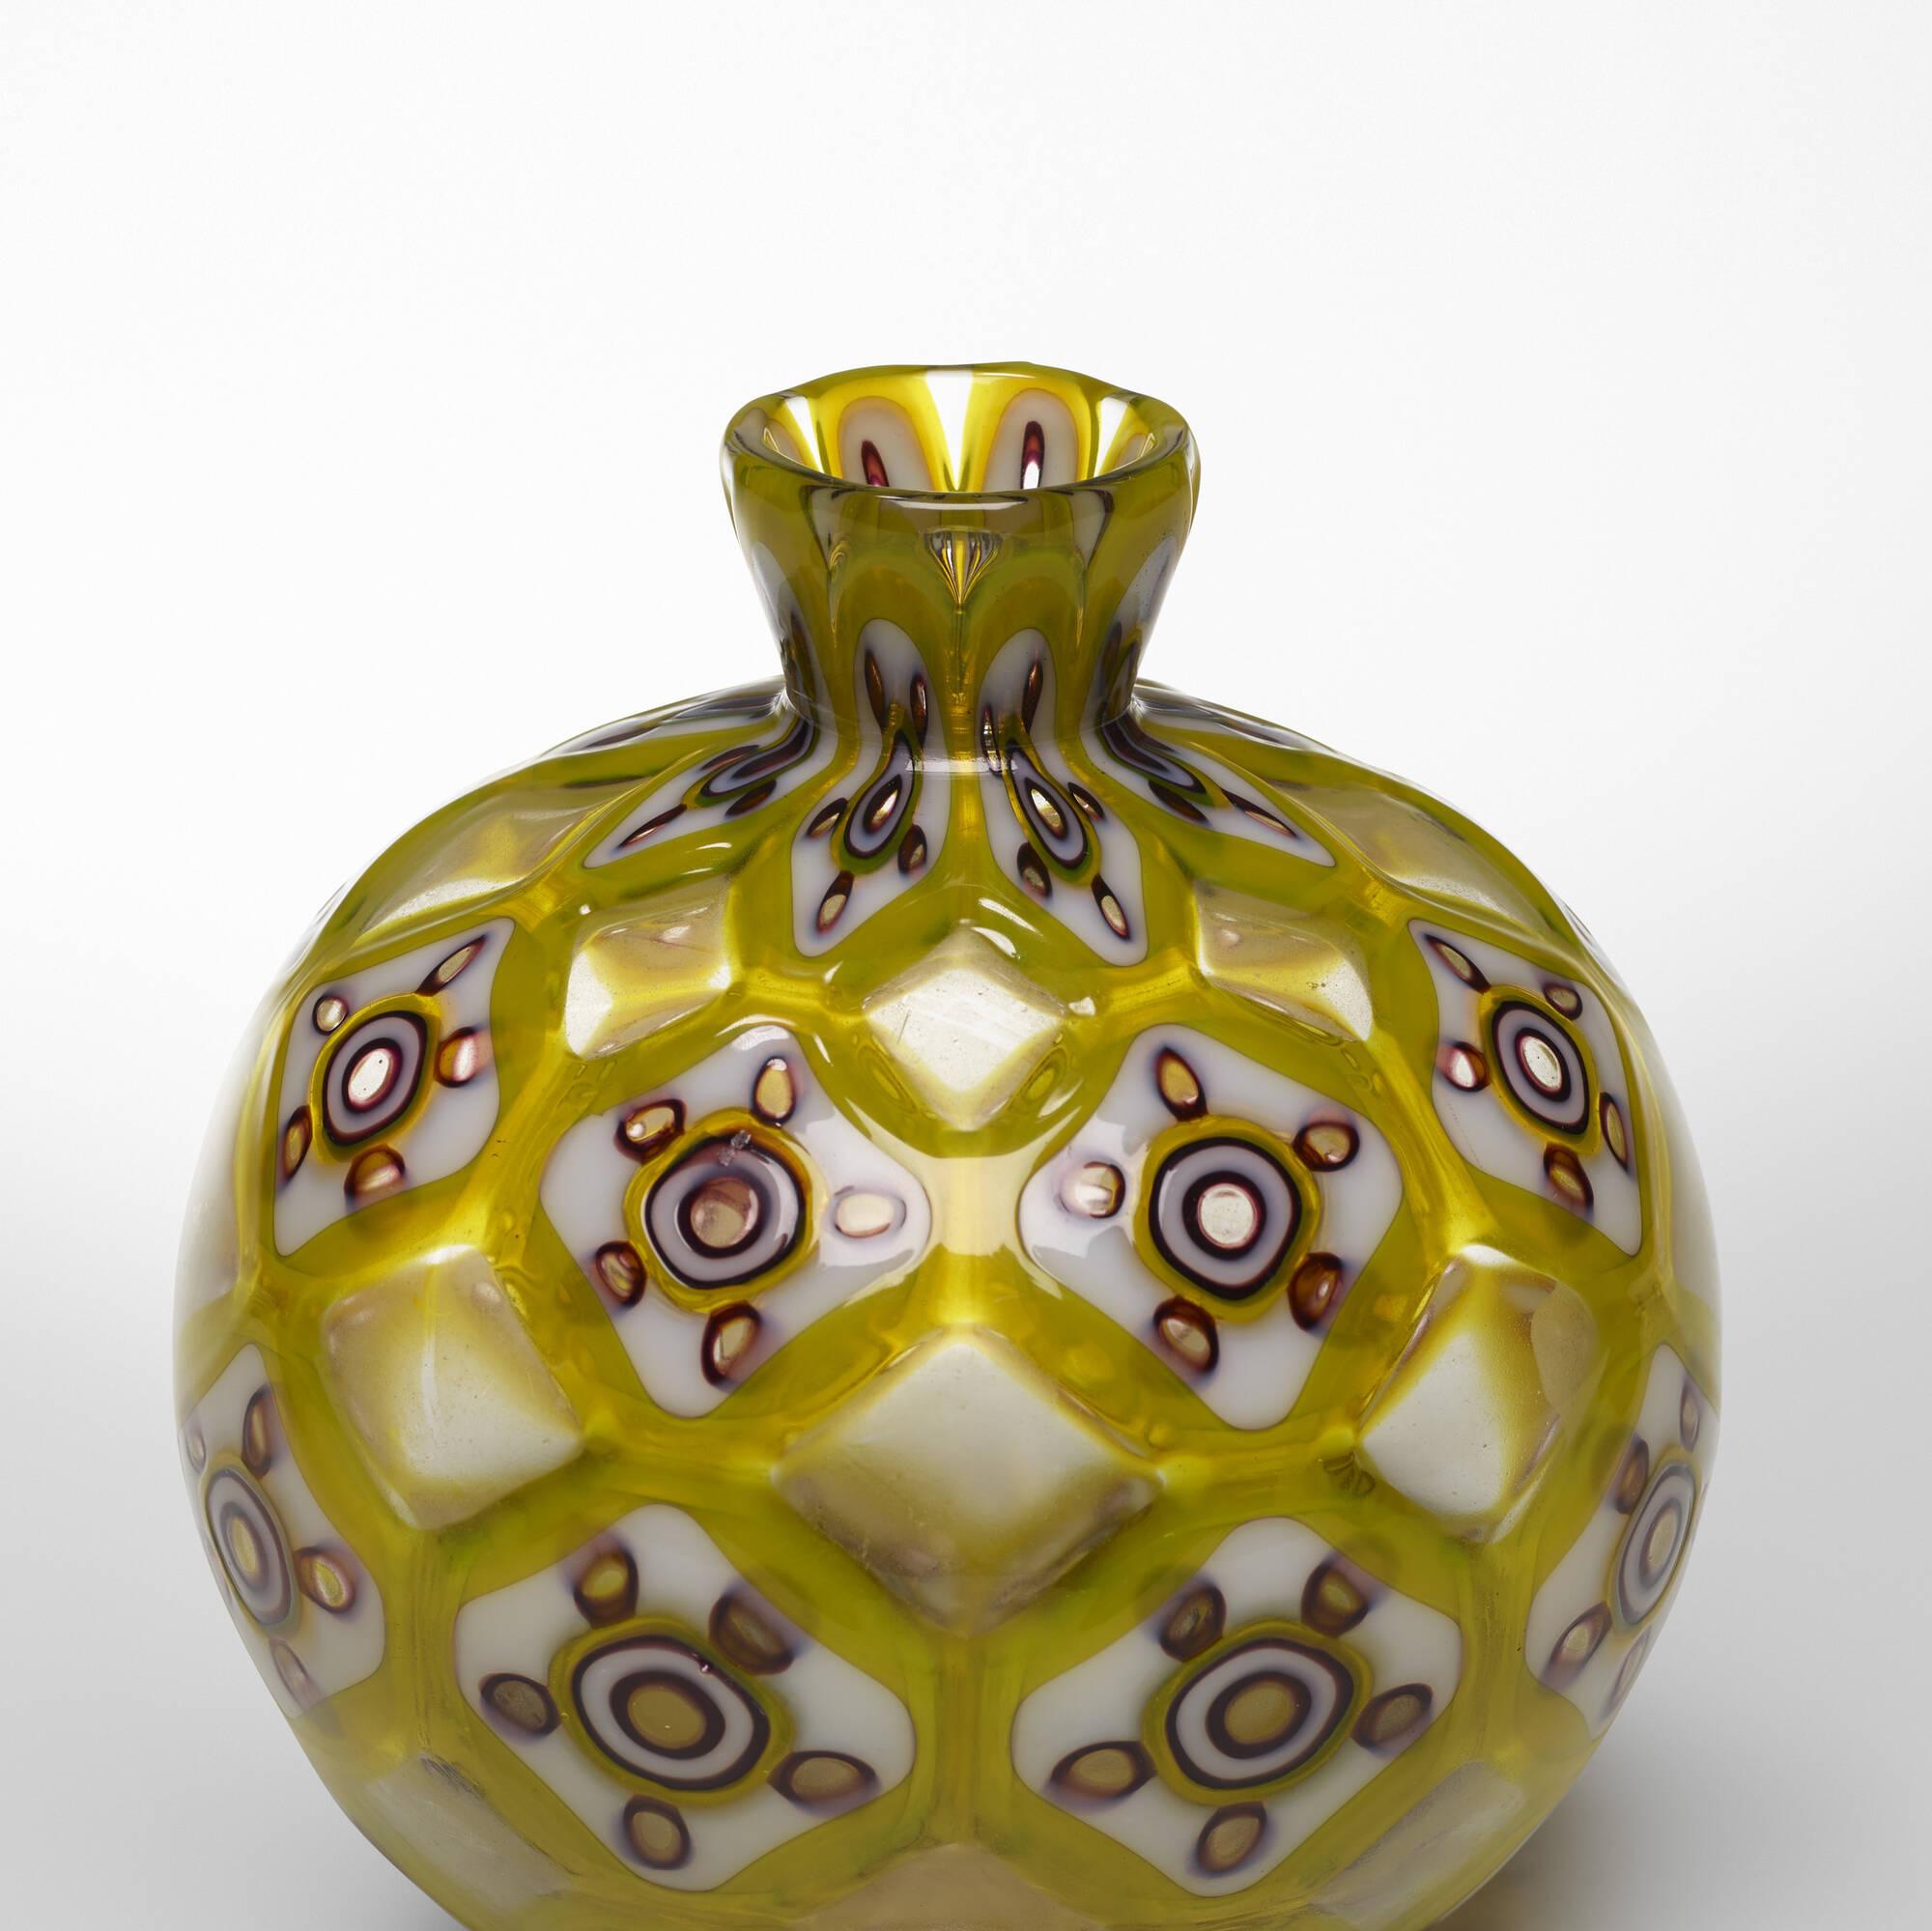 36: Ercole Barovier / Rare Tessere Policrome vase (3 of 4)